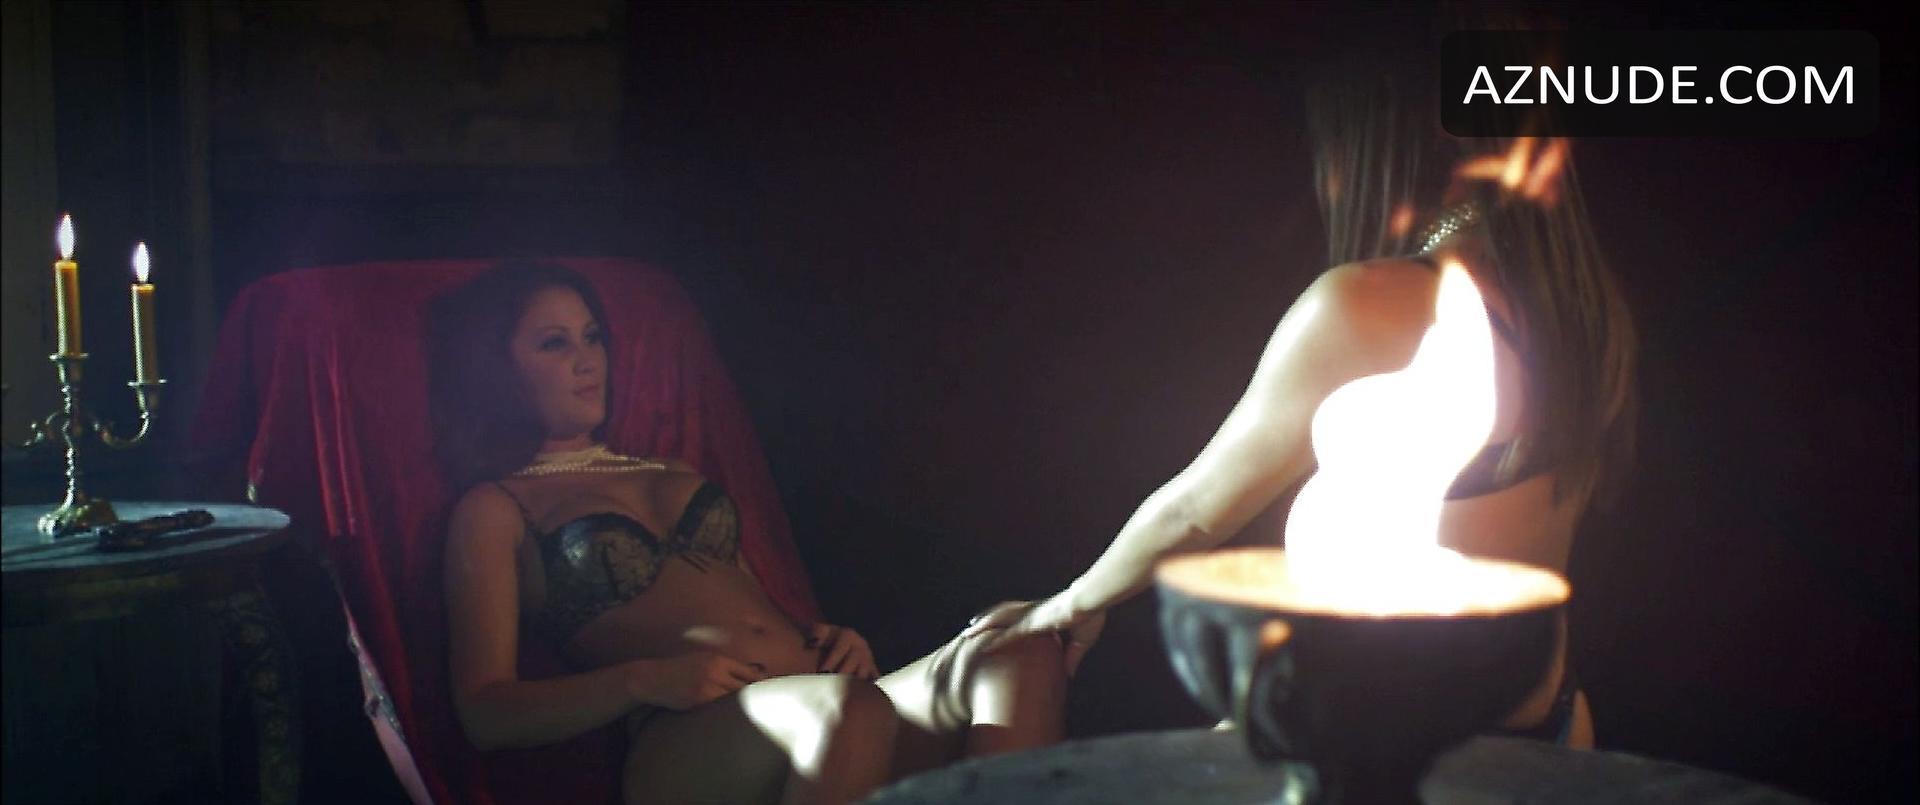 Ana Maljevic Nude 6 days dark nude scenes - aznude